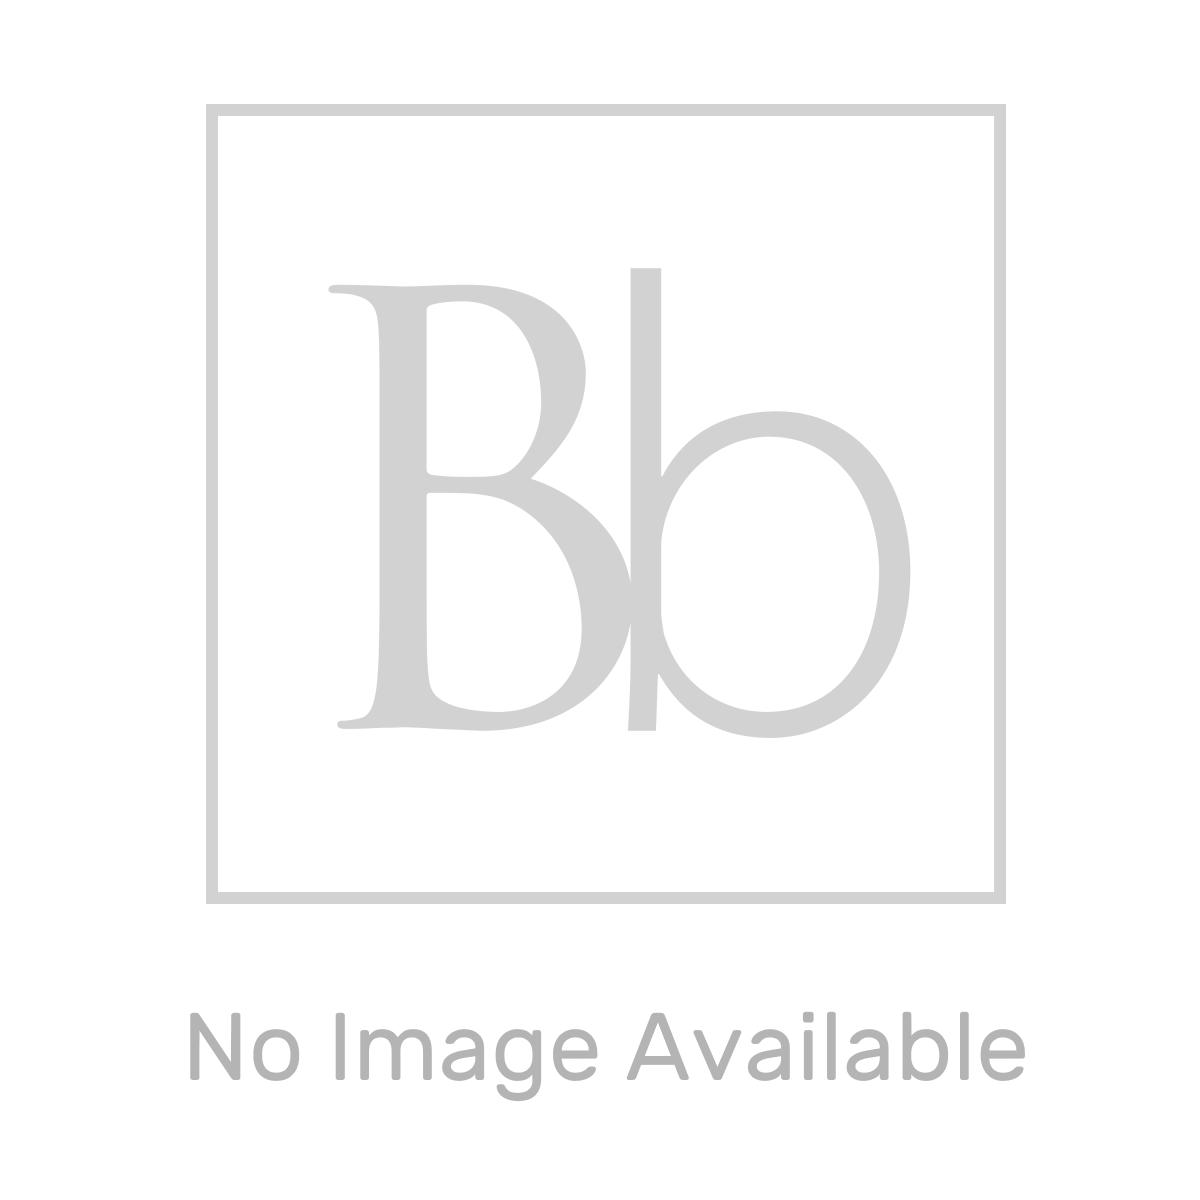 Bali Gloss White Wall Mounted Vanity Unit 600mm